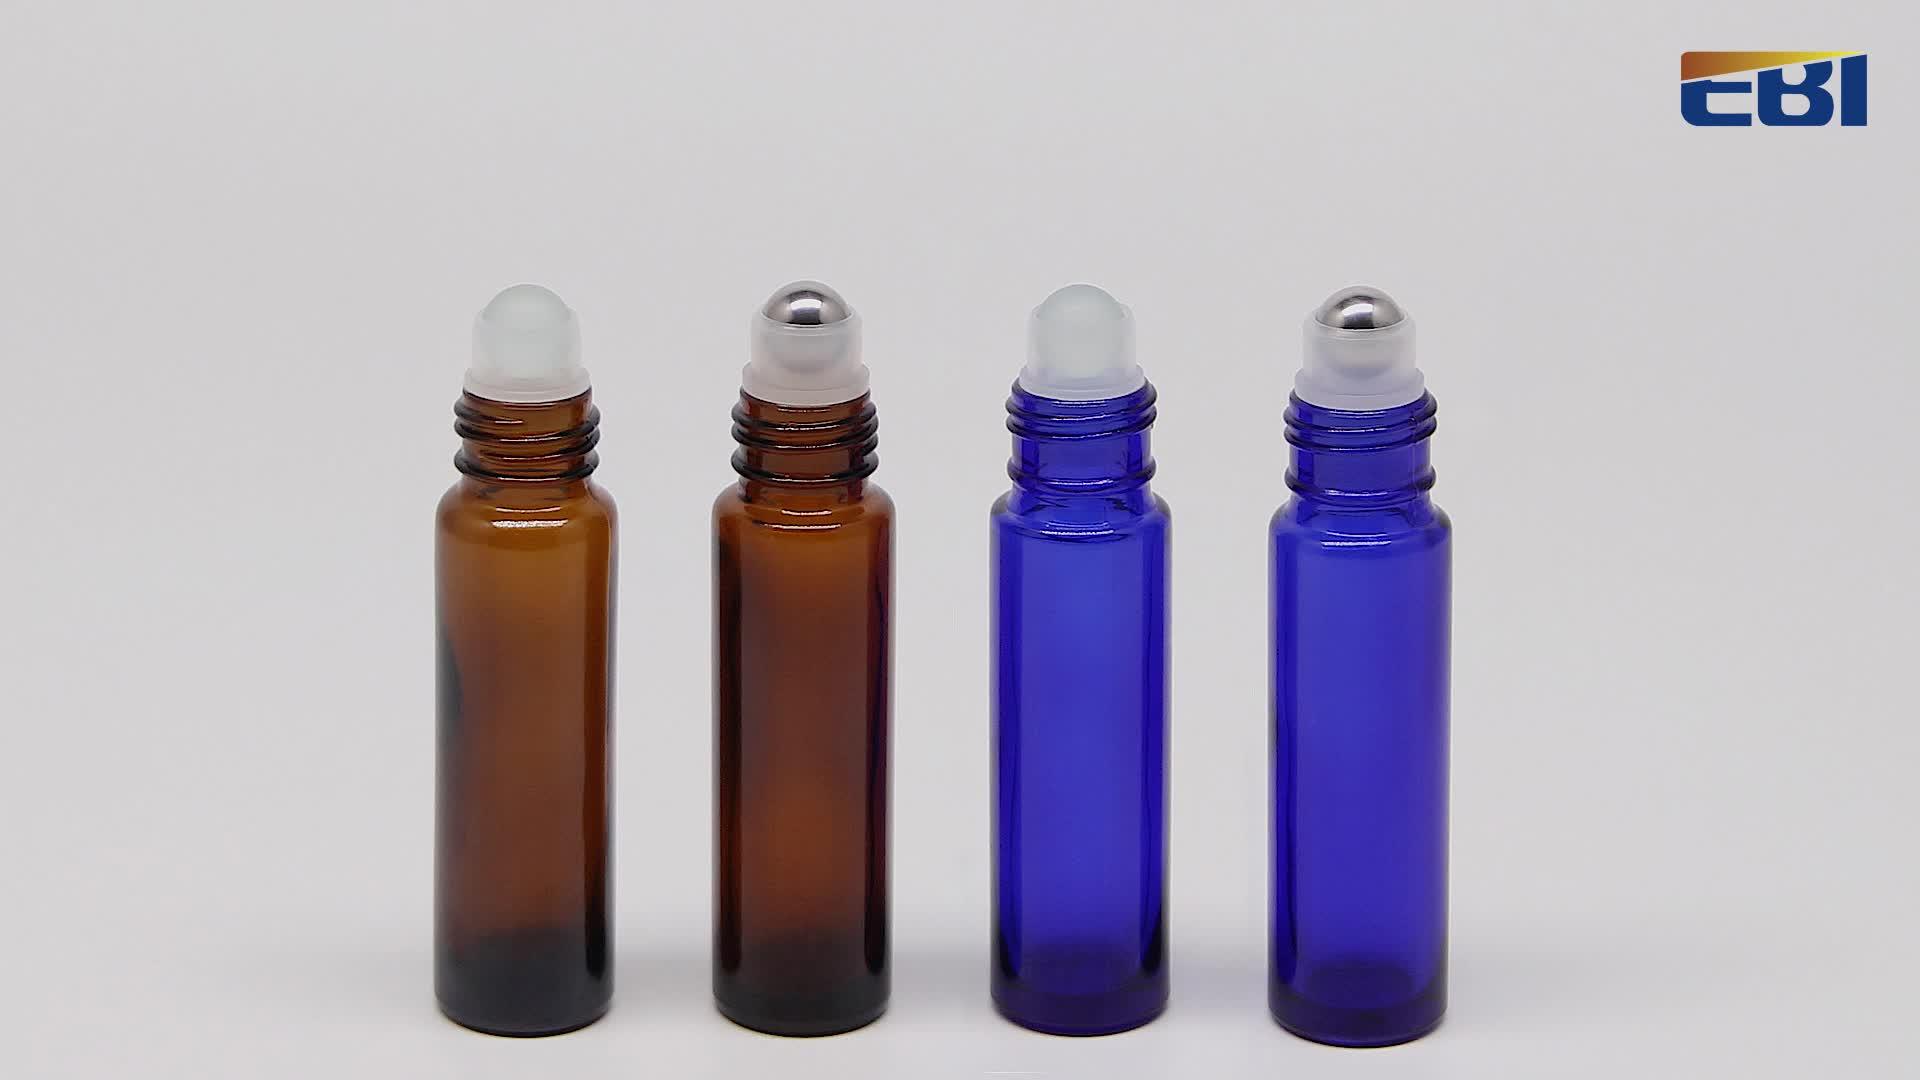 10 ミリリットルミニポータブル詰め替え香水アトマイザーガラススプレーボトル空の旅行ボトル化粧品香水容器